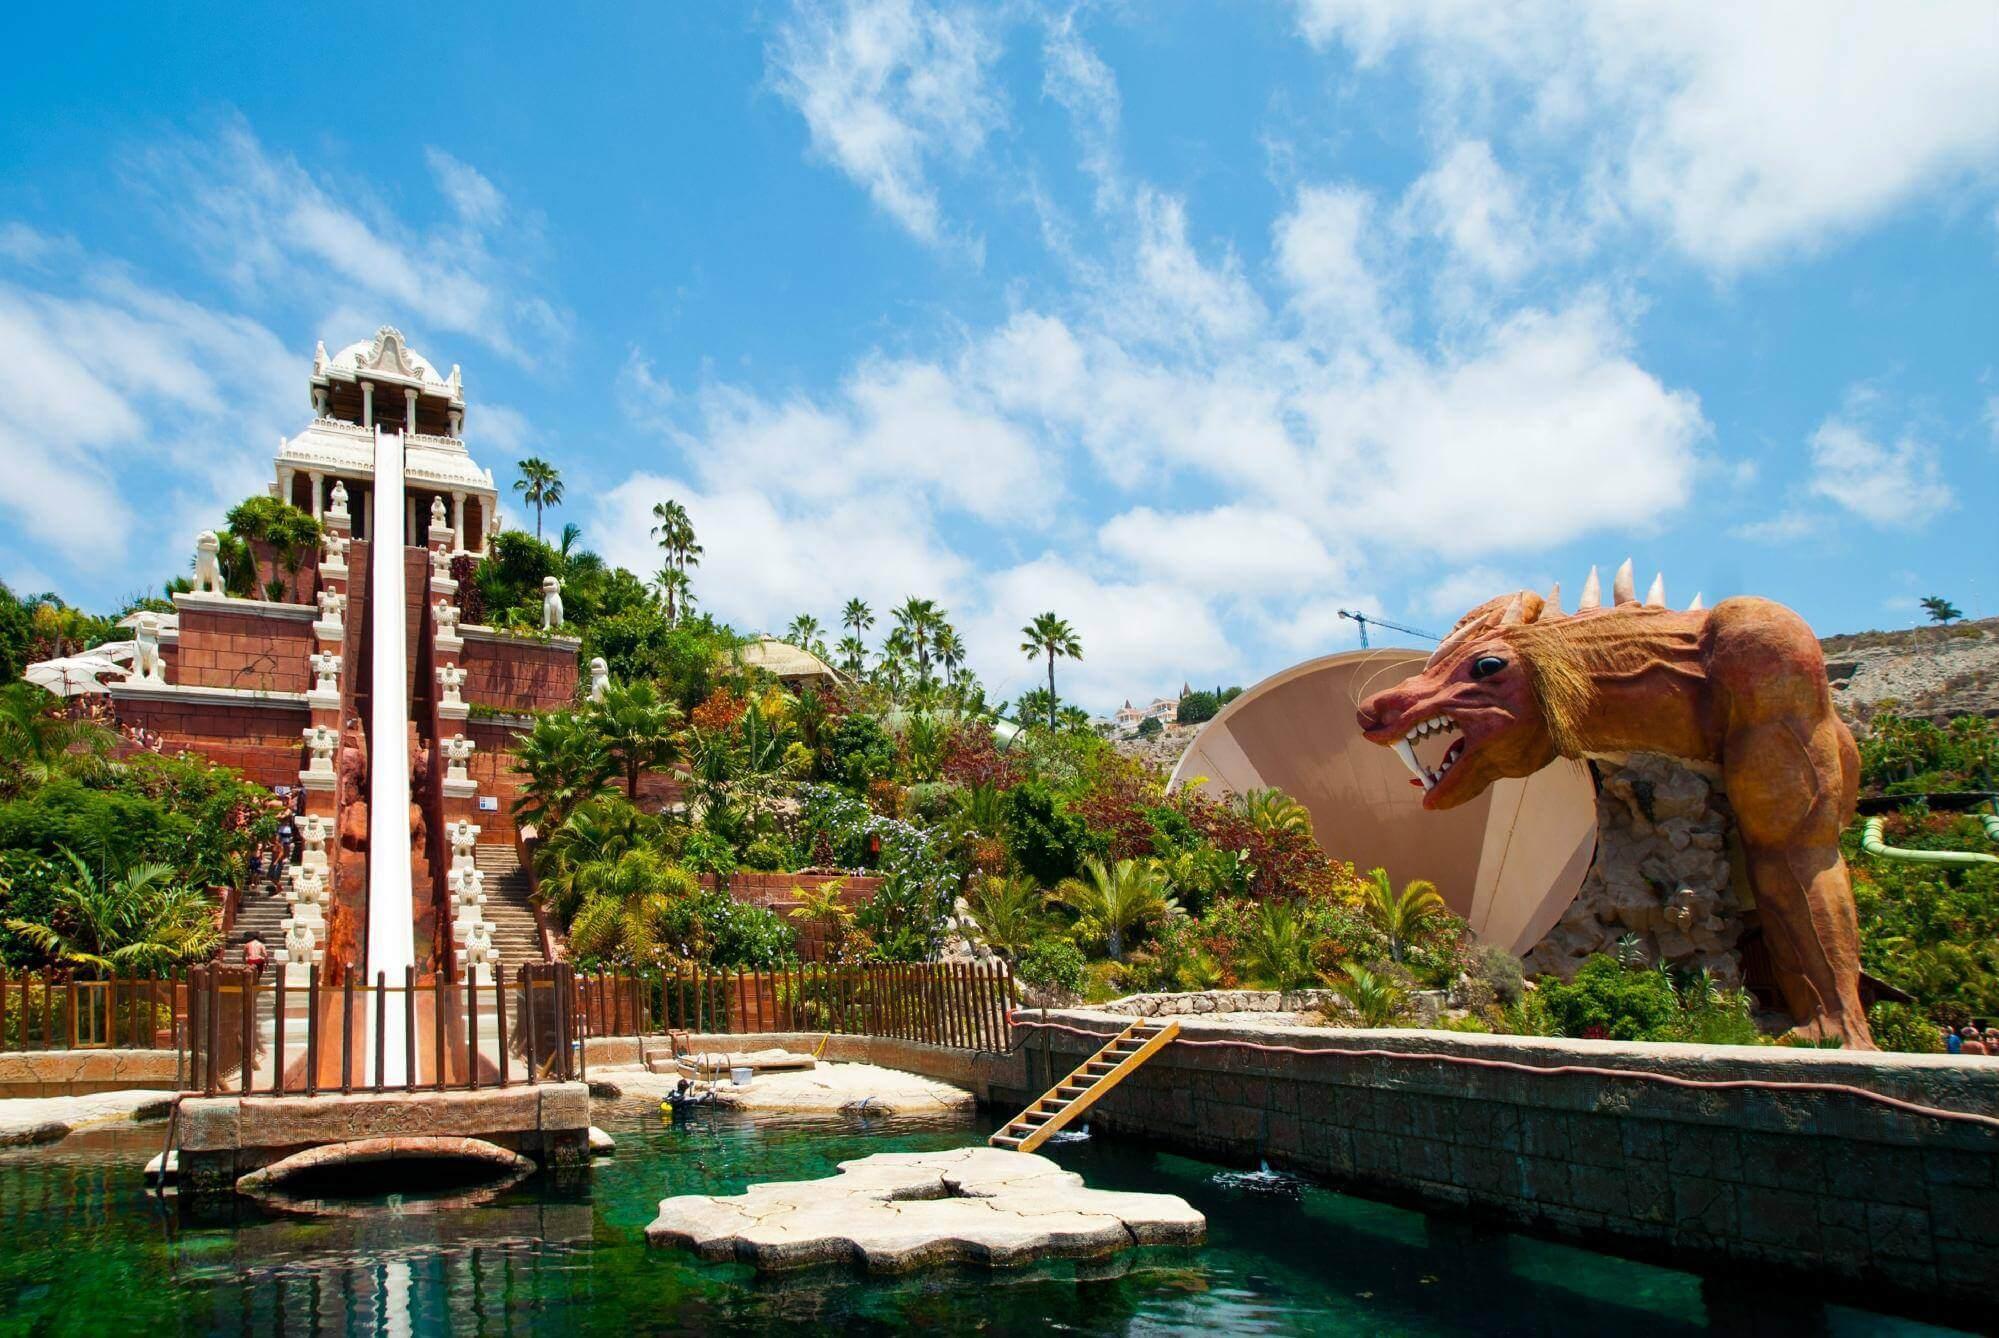 сохранялся келье испания тенерифе фото аквапарк купеческие дома представляют